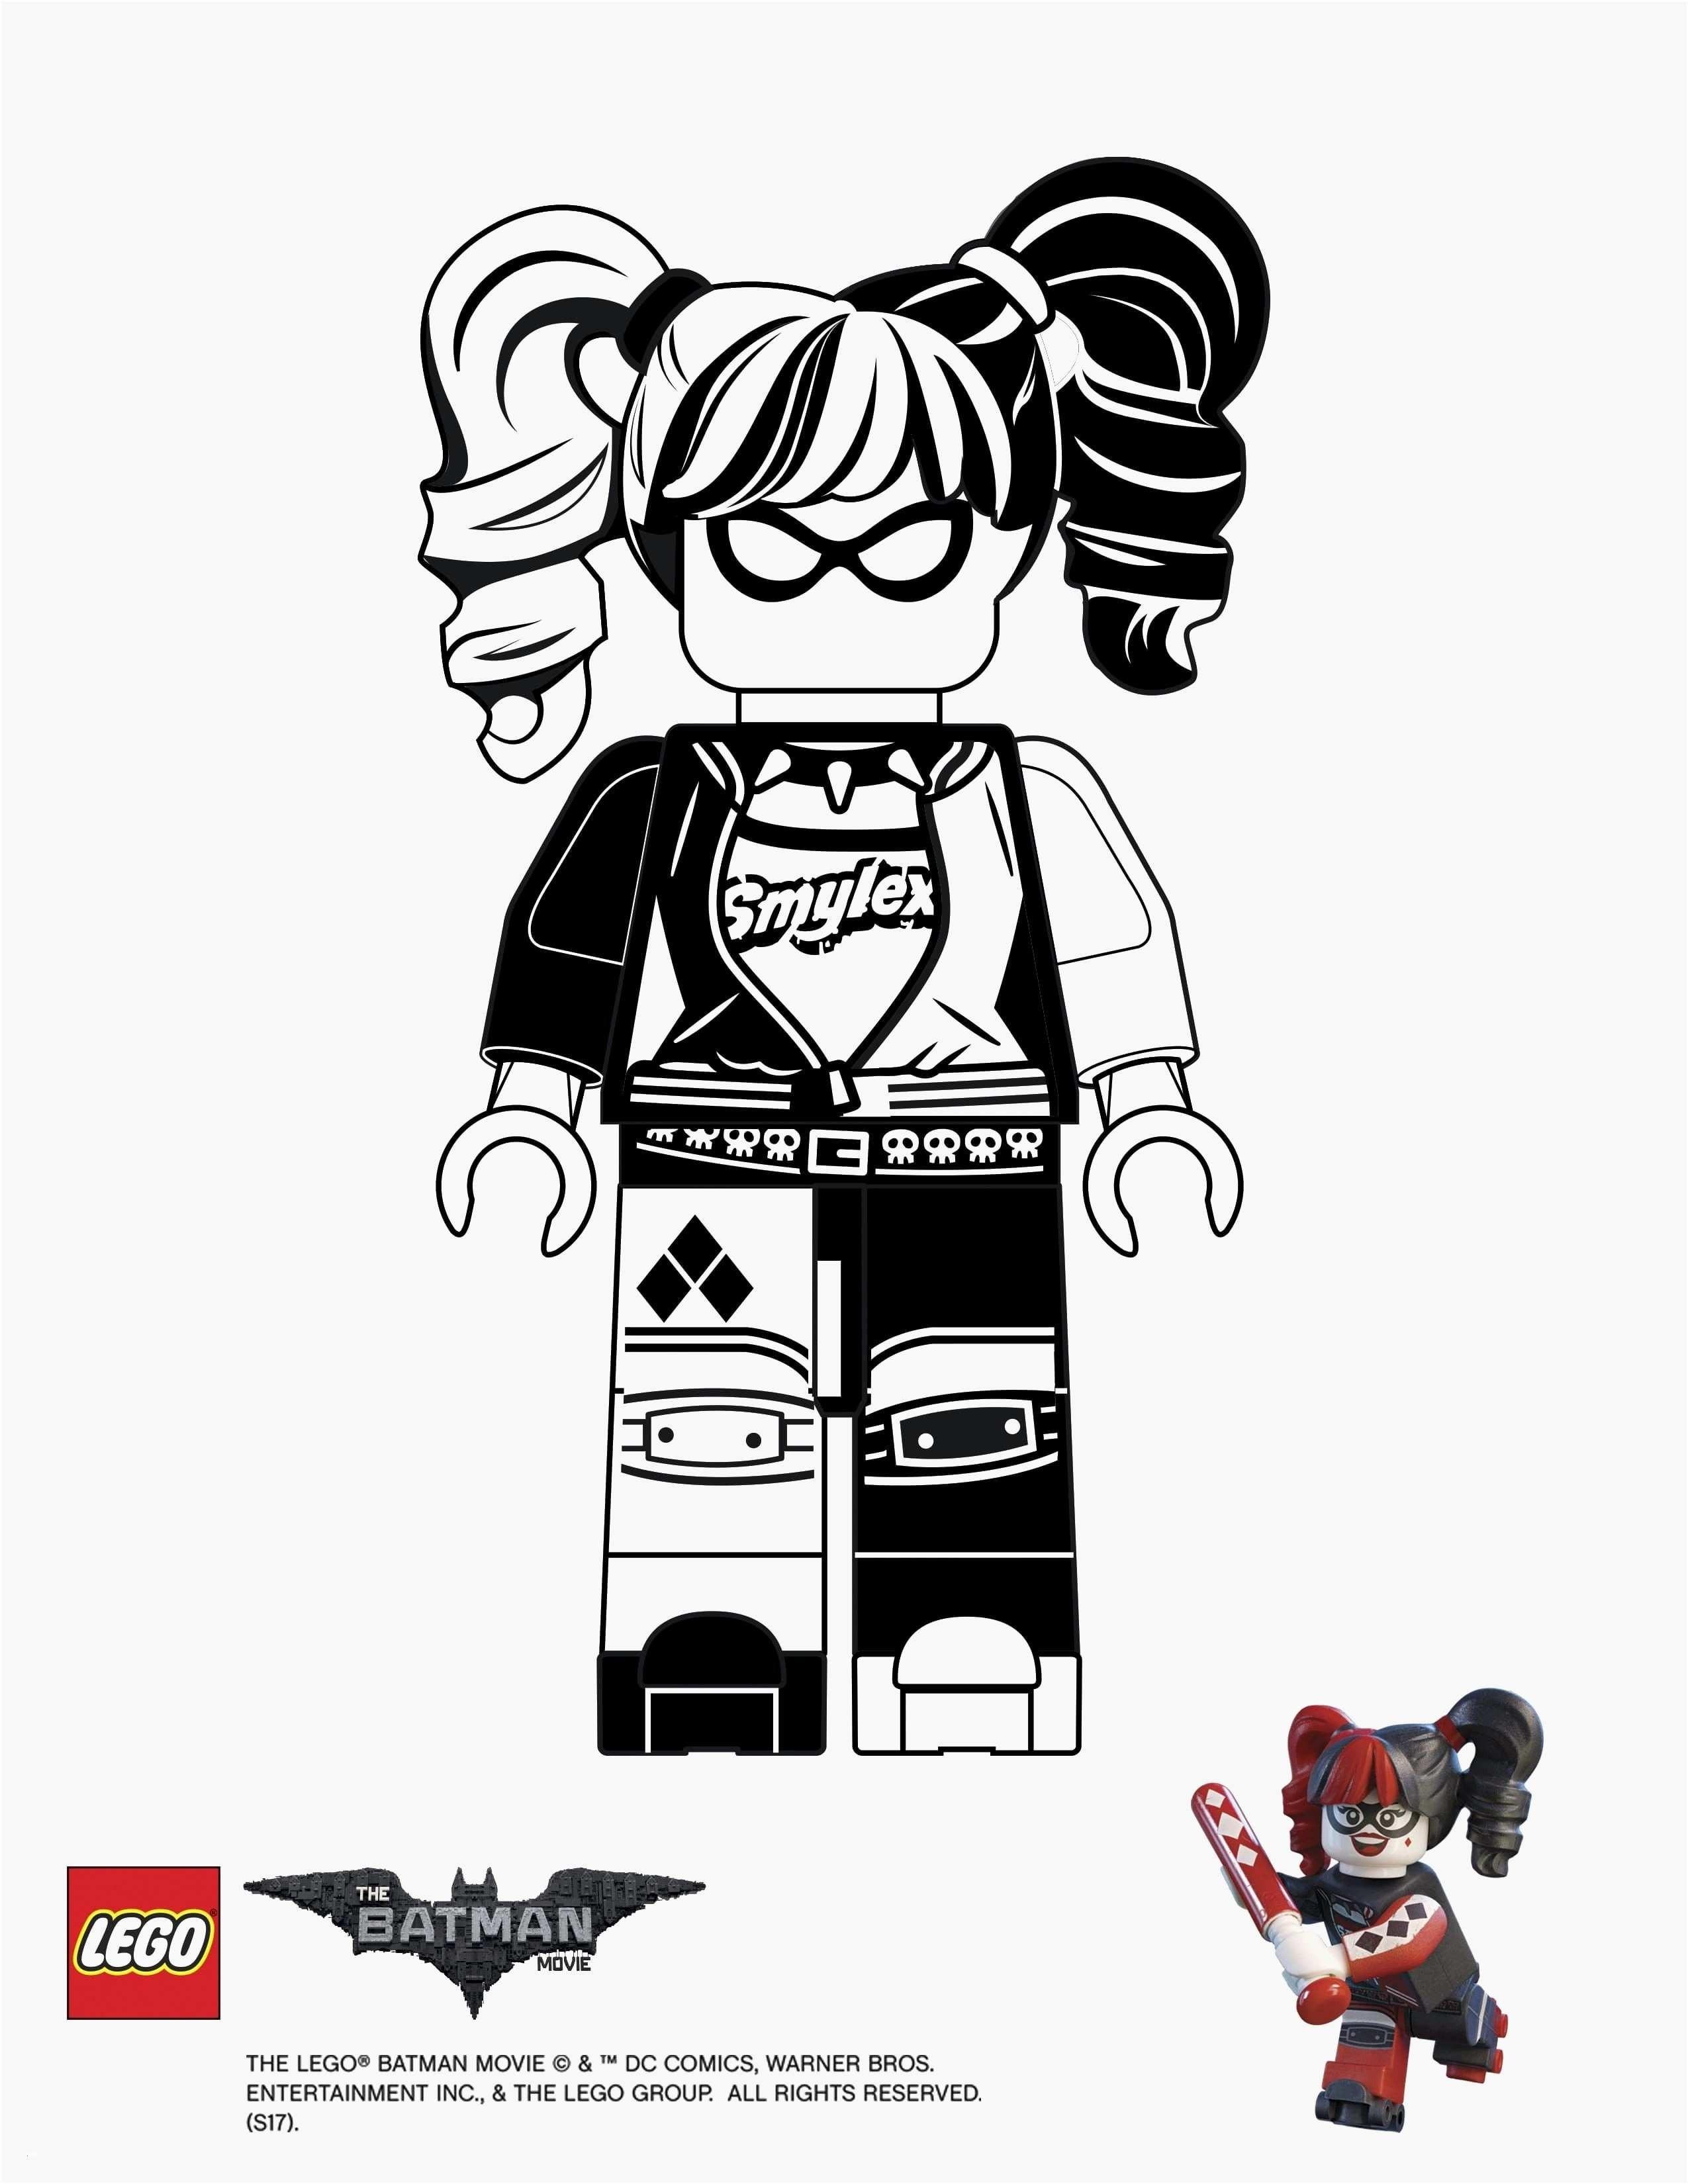 Ausmalbilder Ninjago Meister Der Zeit Frisch Einfache Malvorlagen Lego Ninjago Malvorlage News Blog Das Bild